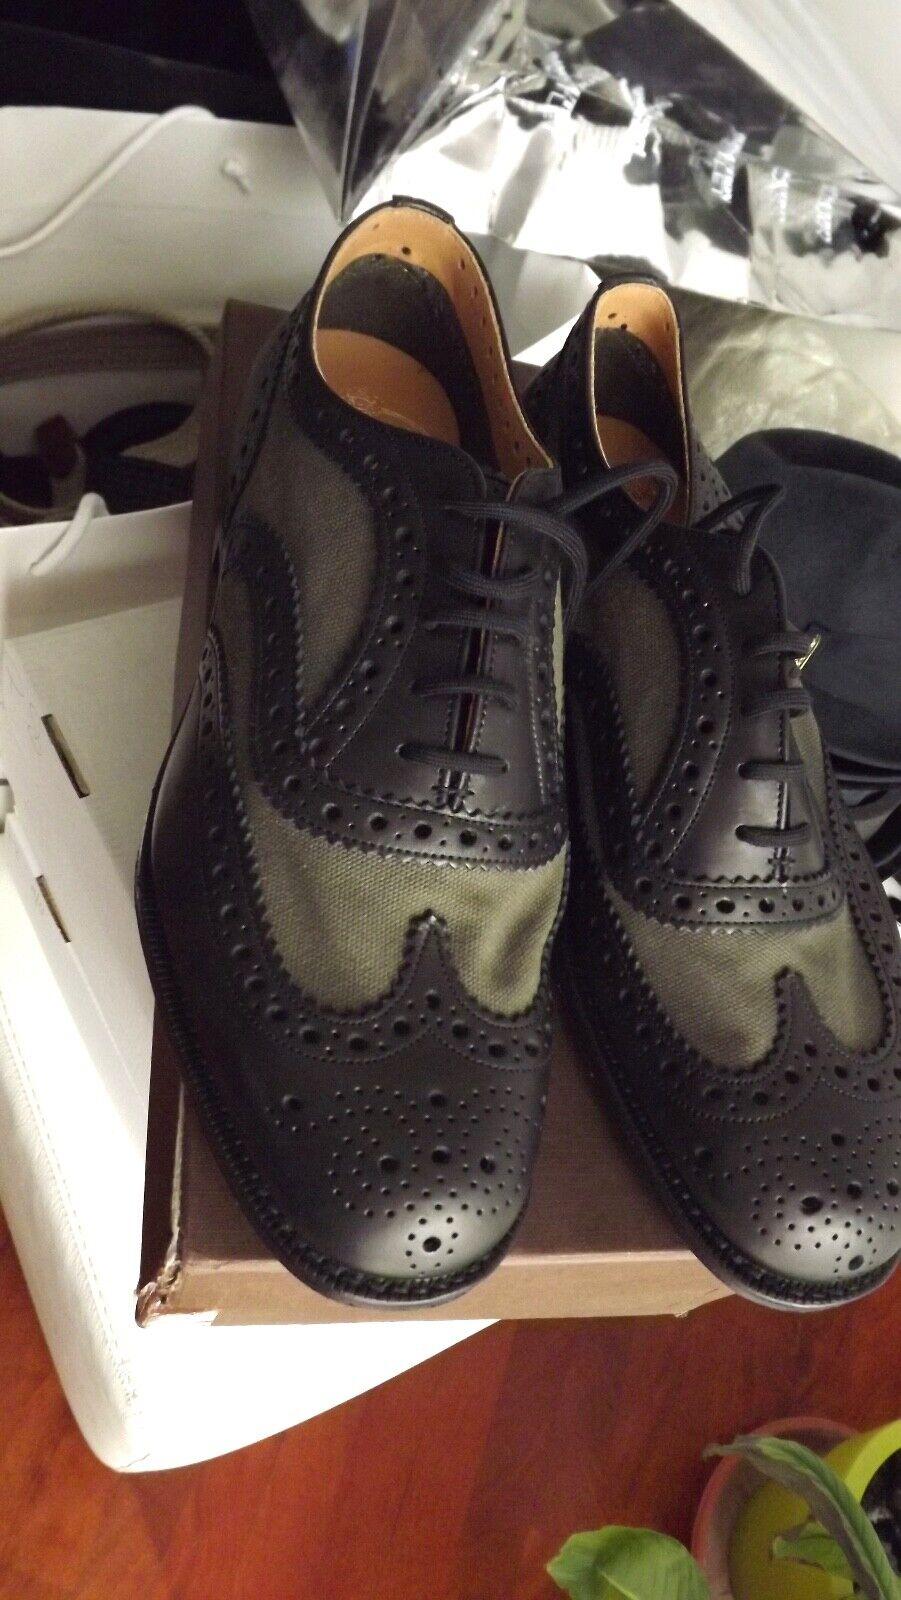 CHURCH'S LONDRA zapatos NUOVA COLLEZIONE  PELLE AUTENTICHE 490,00 CARTEL.42